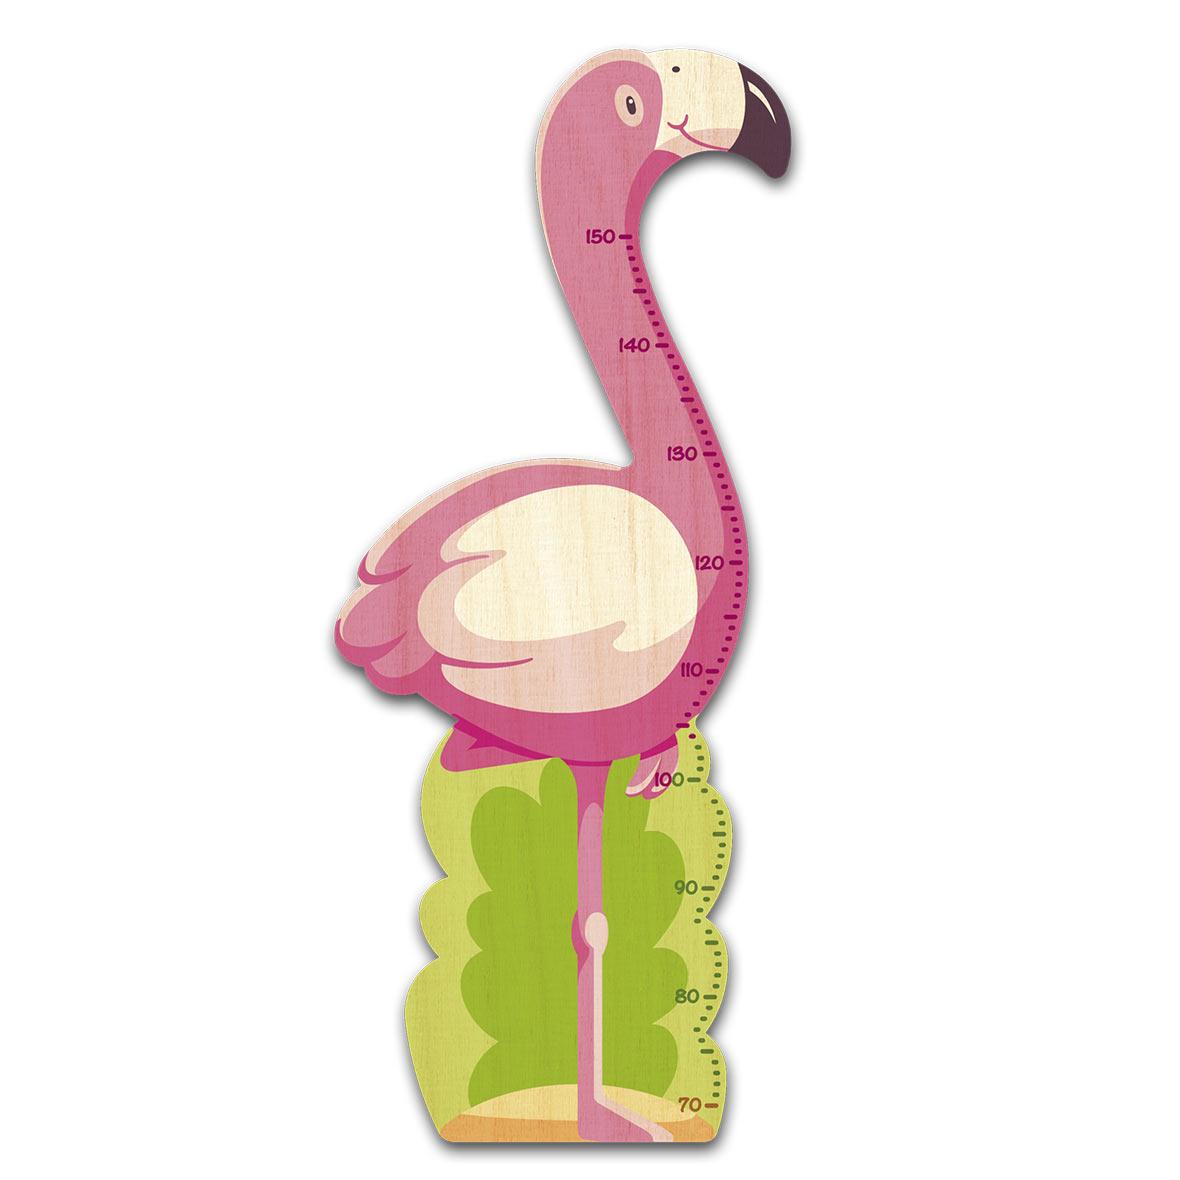 Messlatte Flamingo 70 – 150 cm Messbereich von Weizenkorn